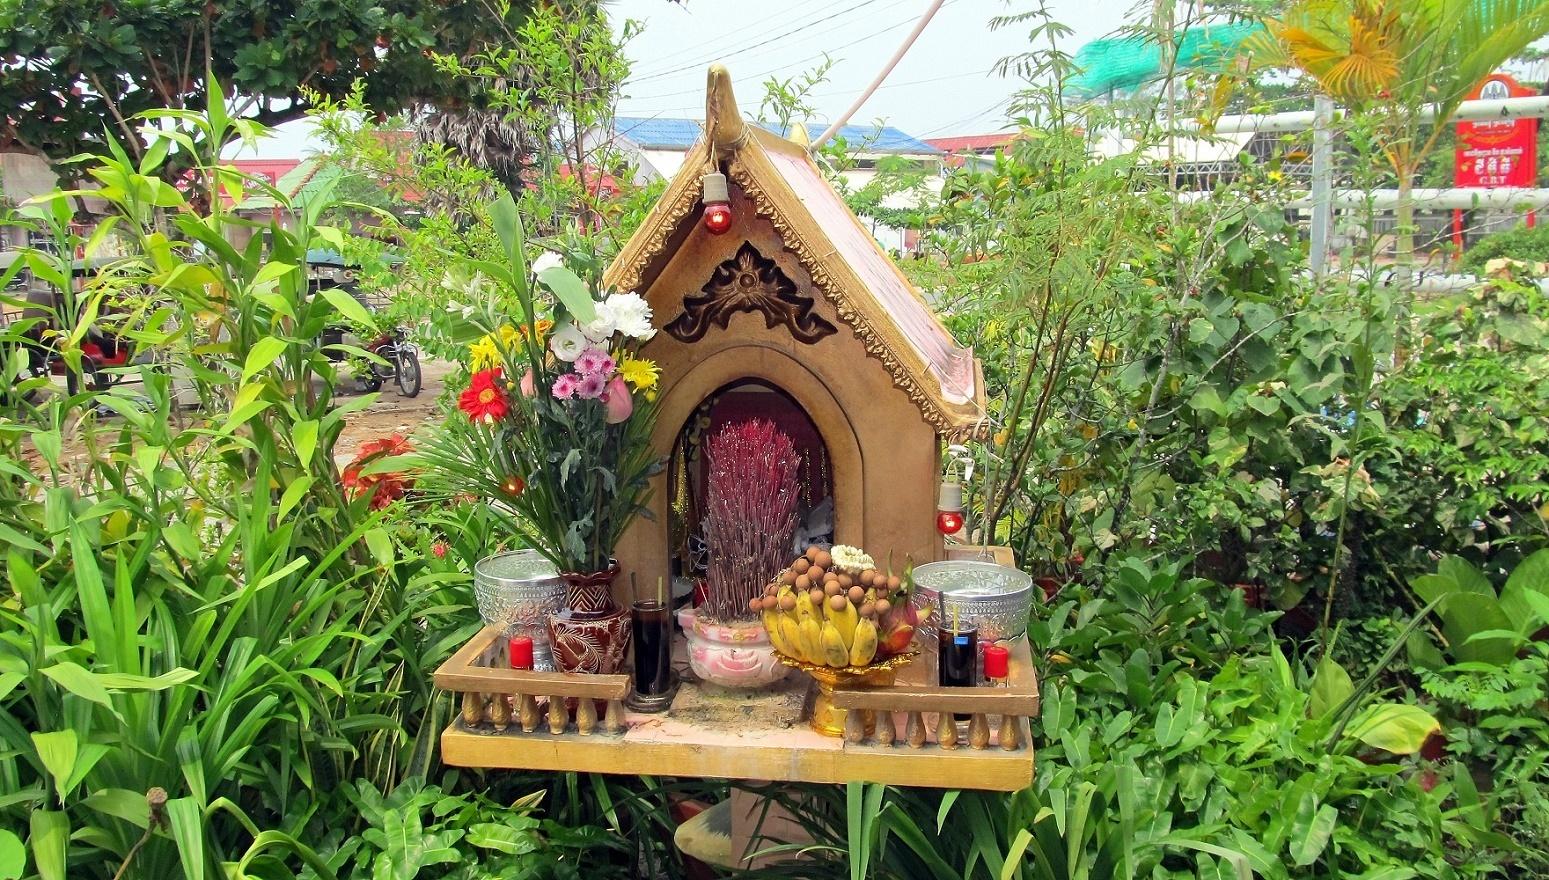 Domeček pro duchy před hotelem G.B.T. Sihanoukville Kambodža